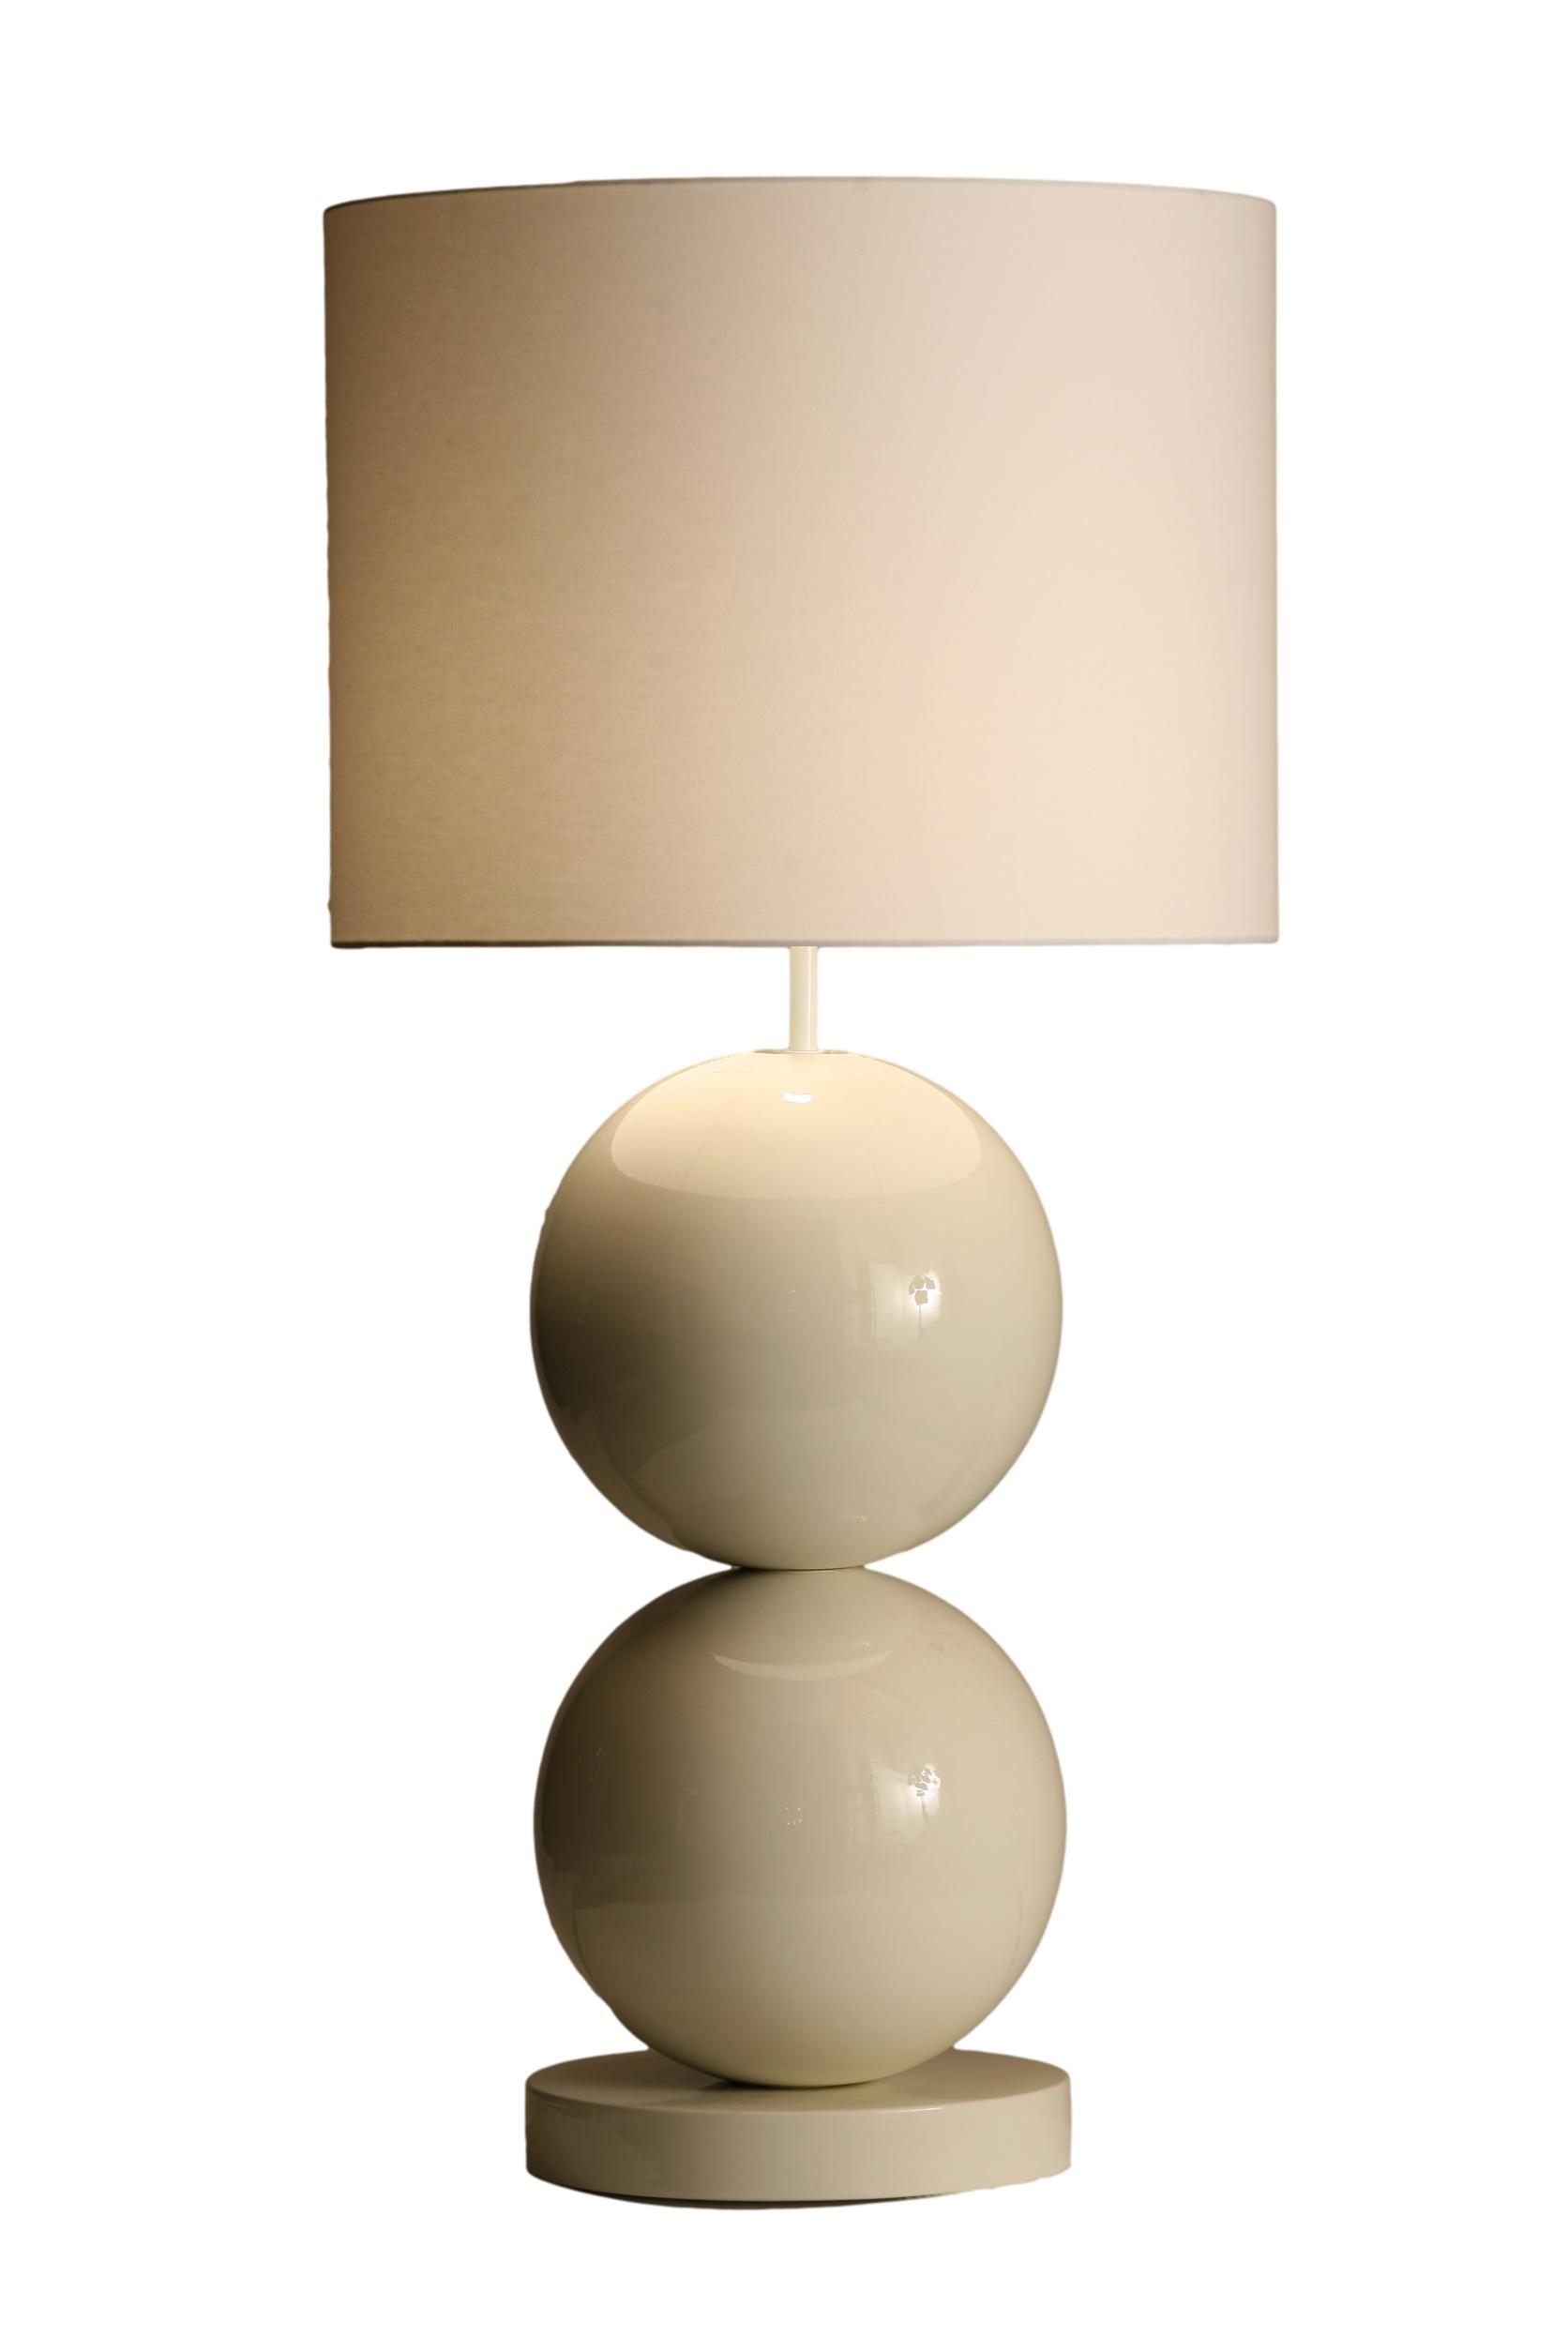 Stout Verlichting Collectie Sfeerfoto Tafellamp 2x XL bol op voet